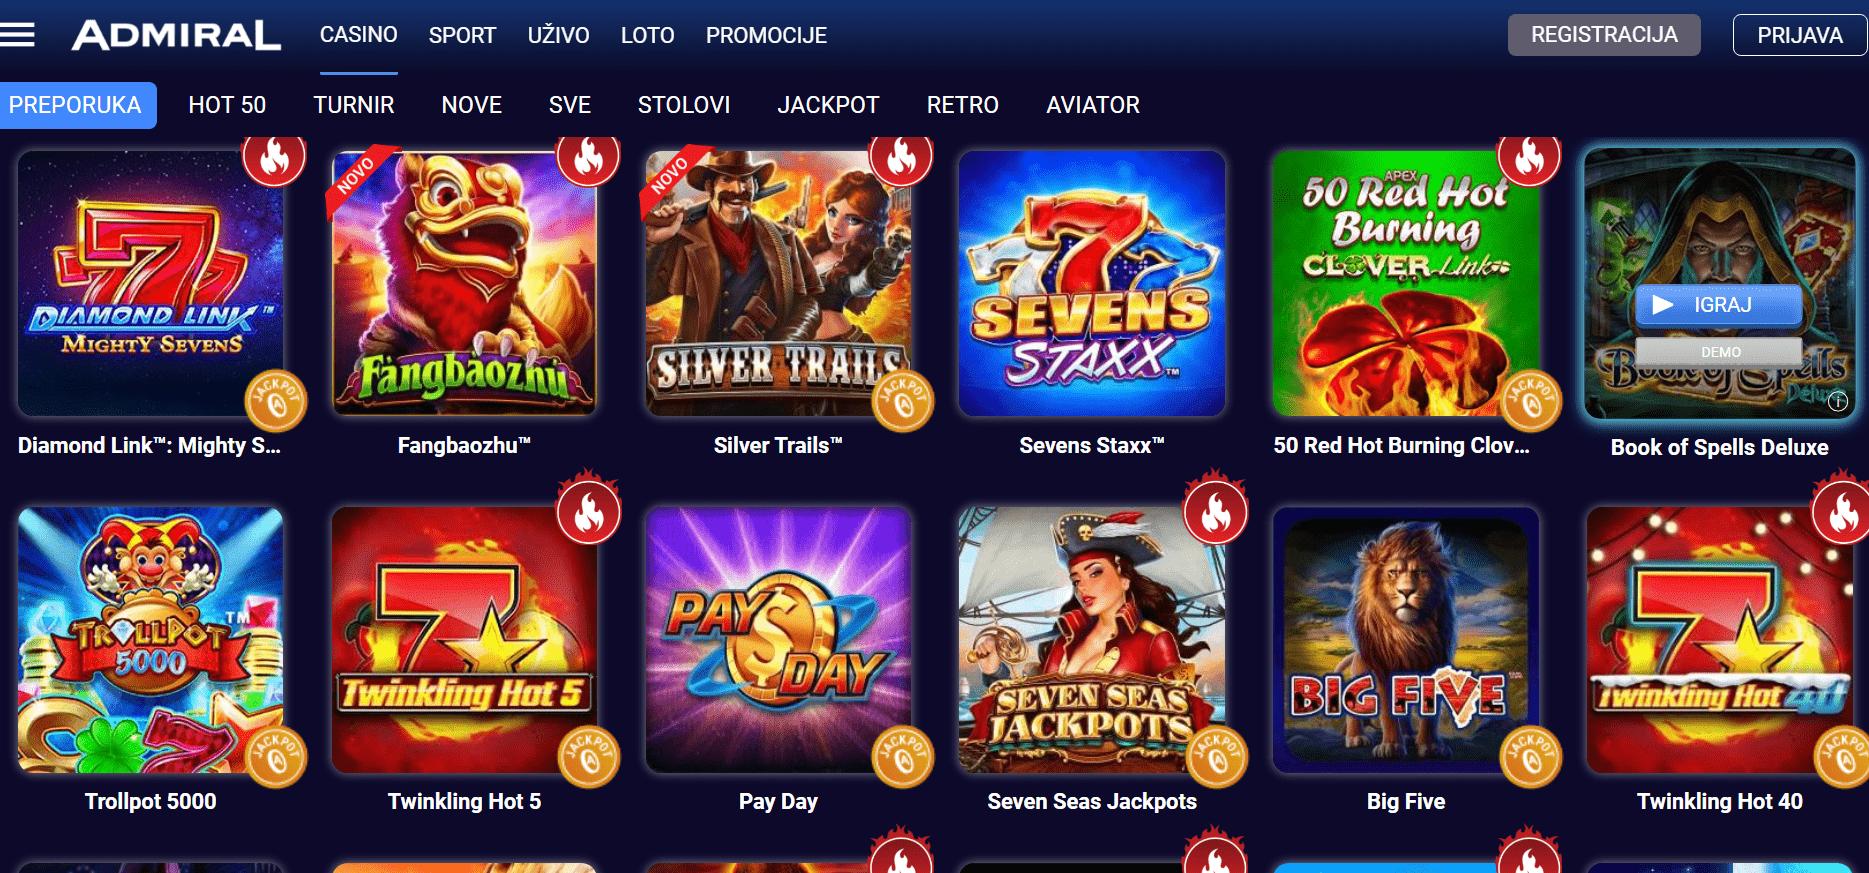 admiral casino igre